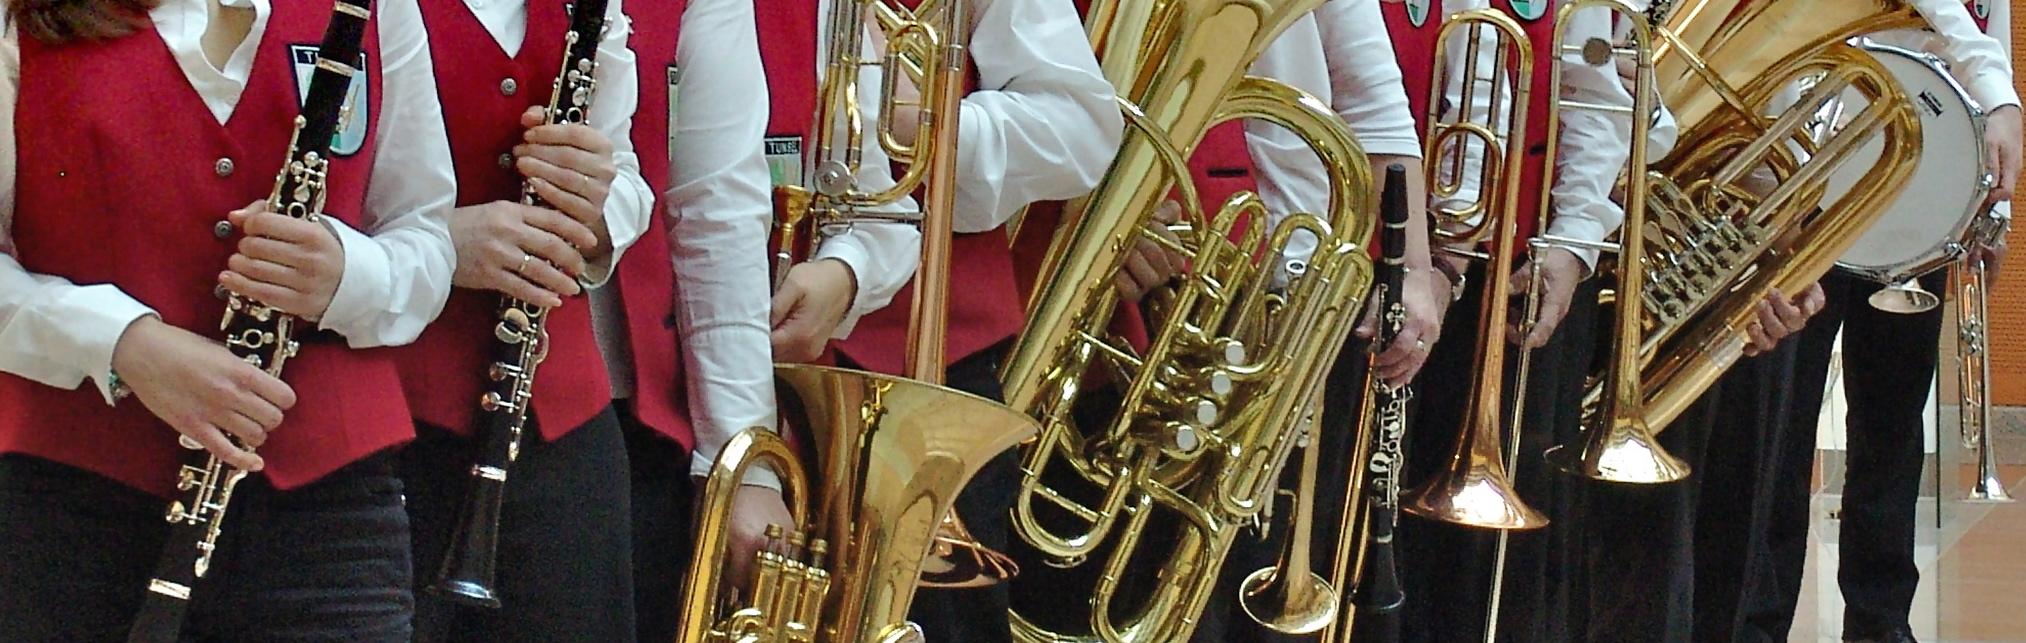 10 Punkte, die mir als Musikerin in einem Musikverein wichtig sind